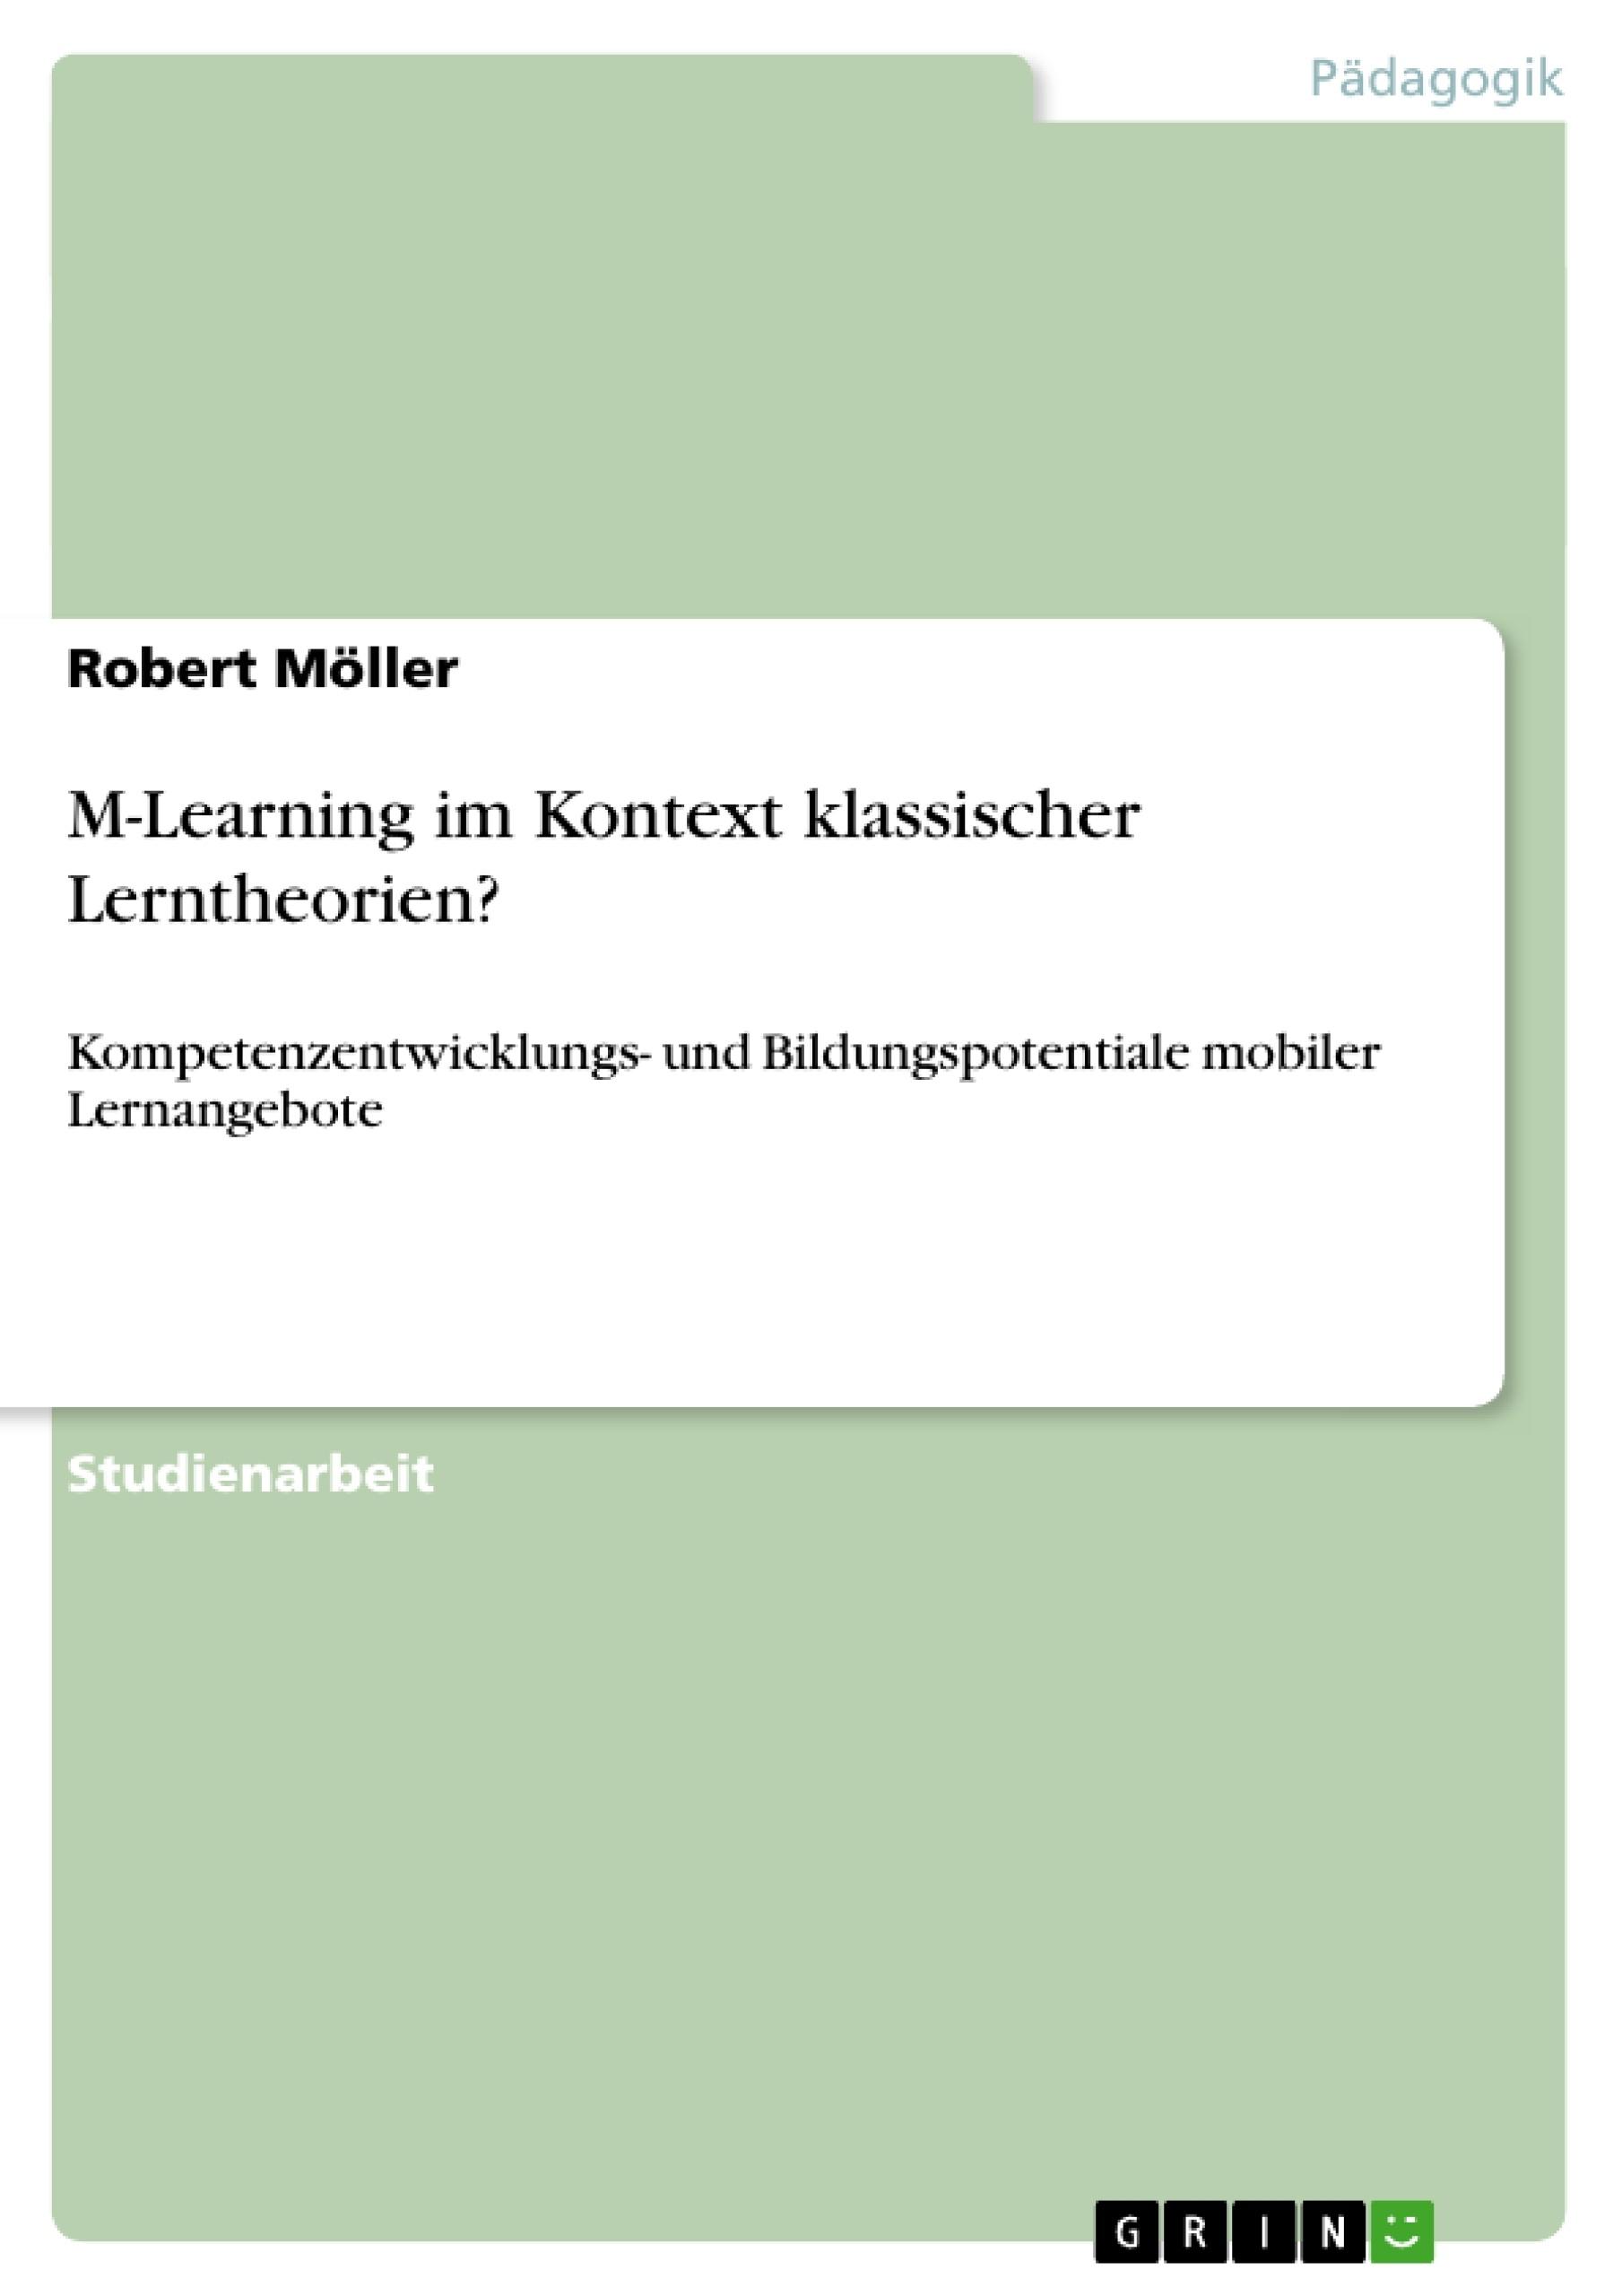 Titel: M-Learning im Kontext klassischer Lerntheorien?